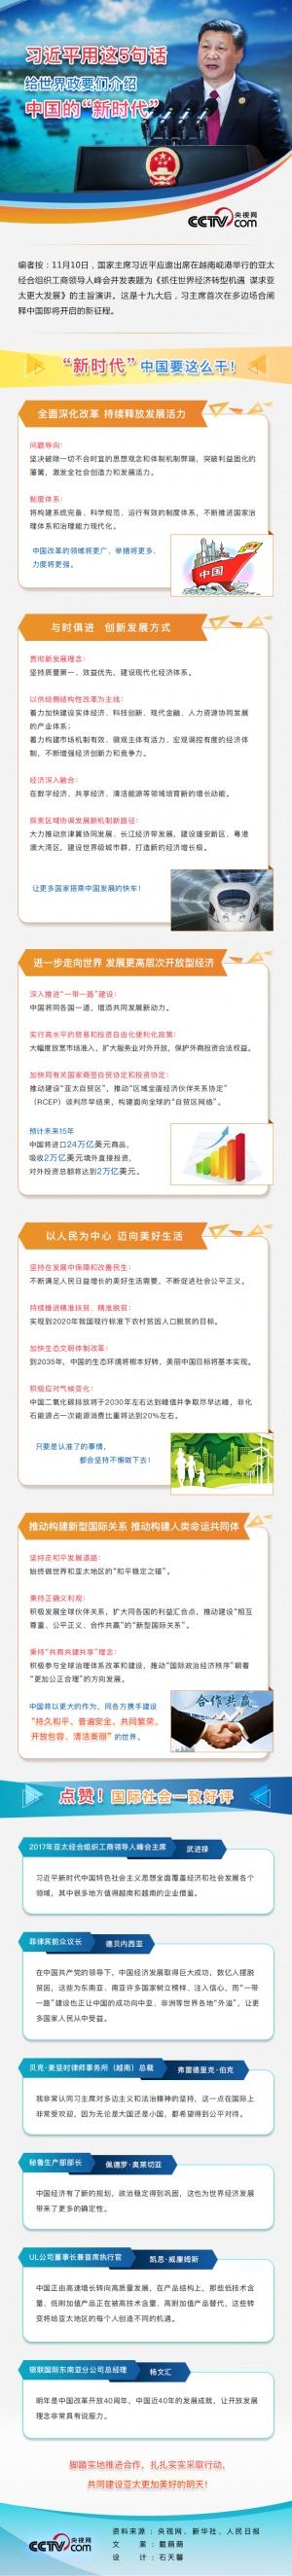 习近平用这5句话给世界政要们介绍中国的